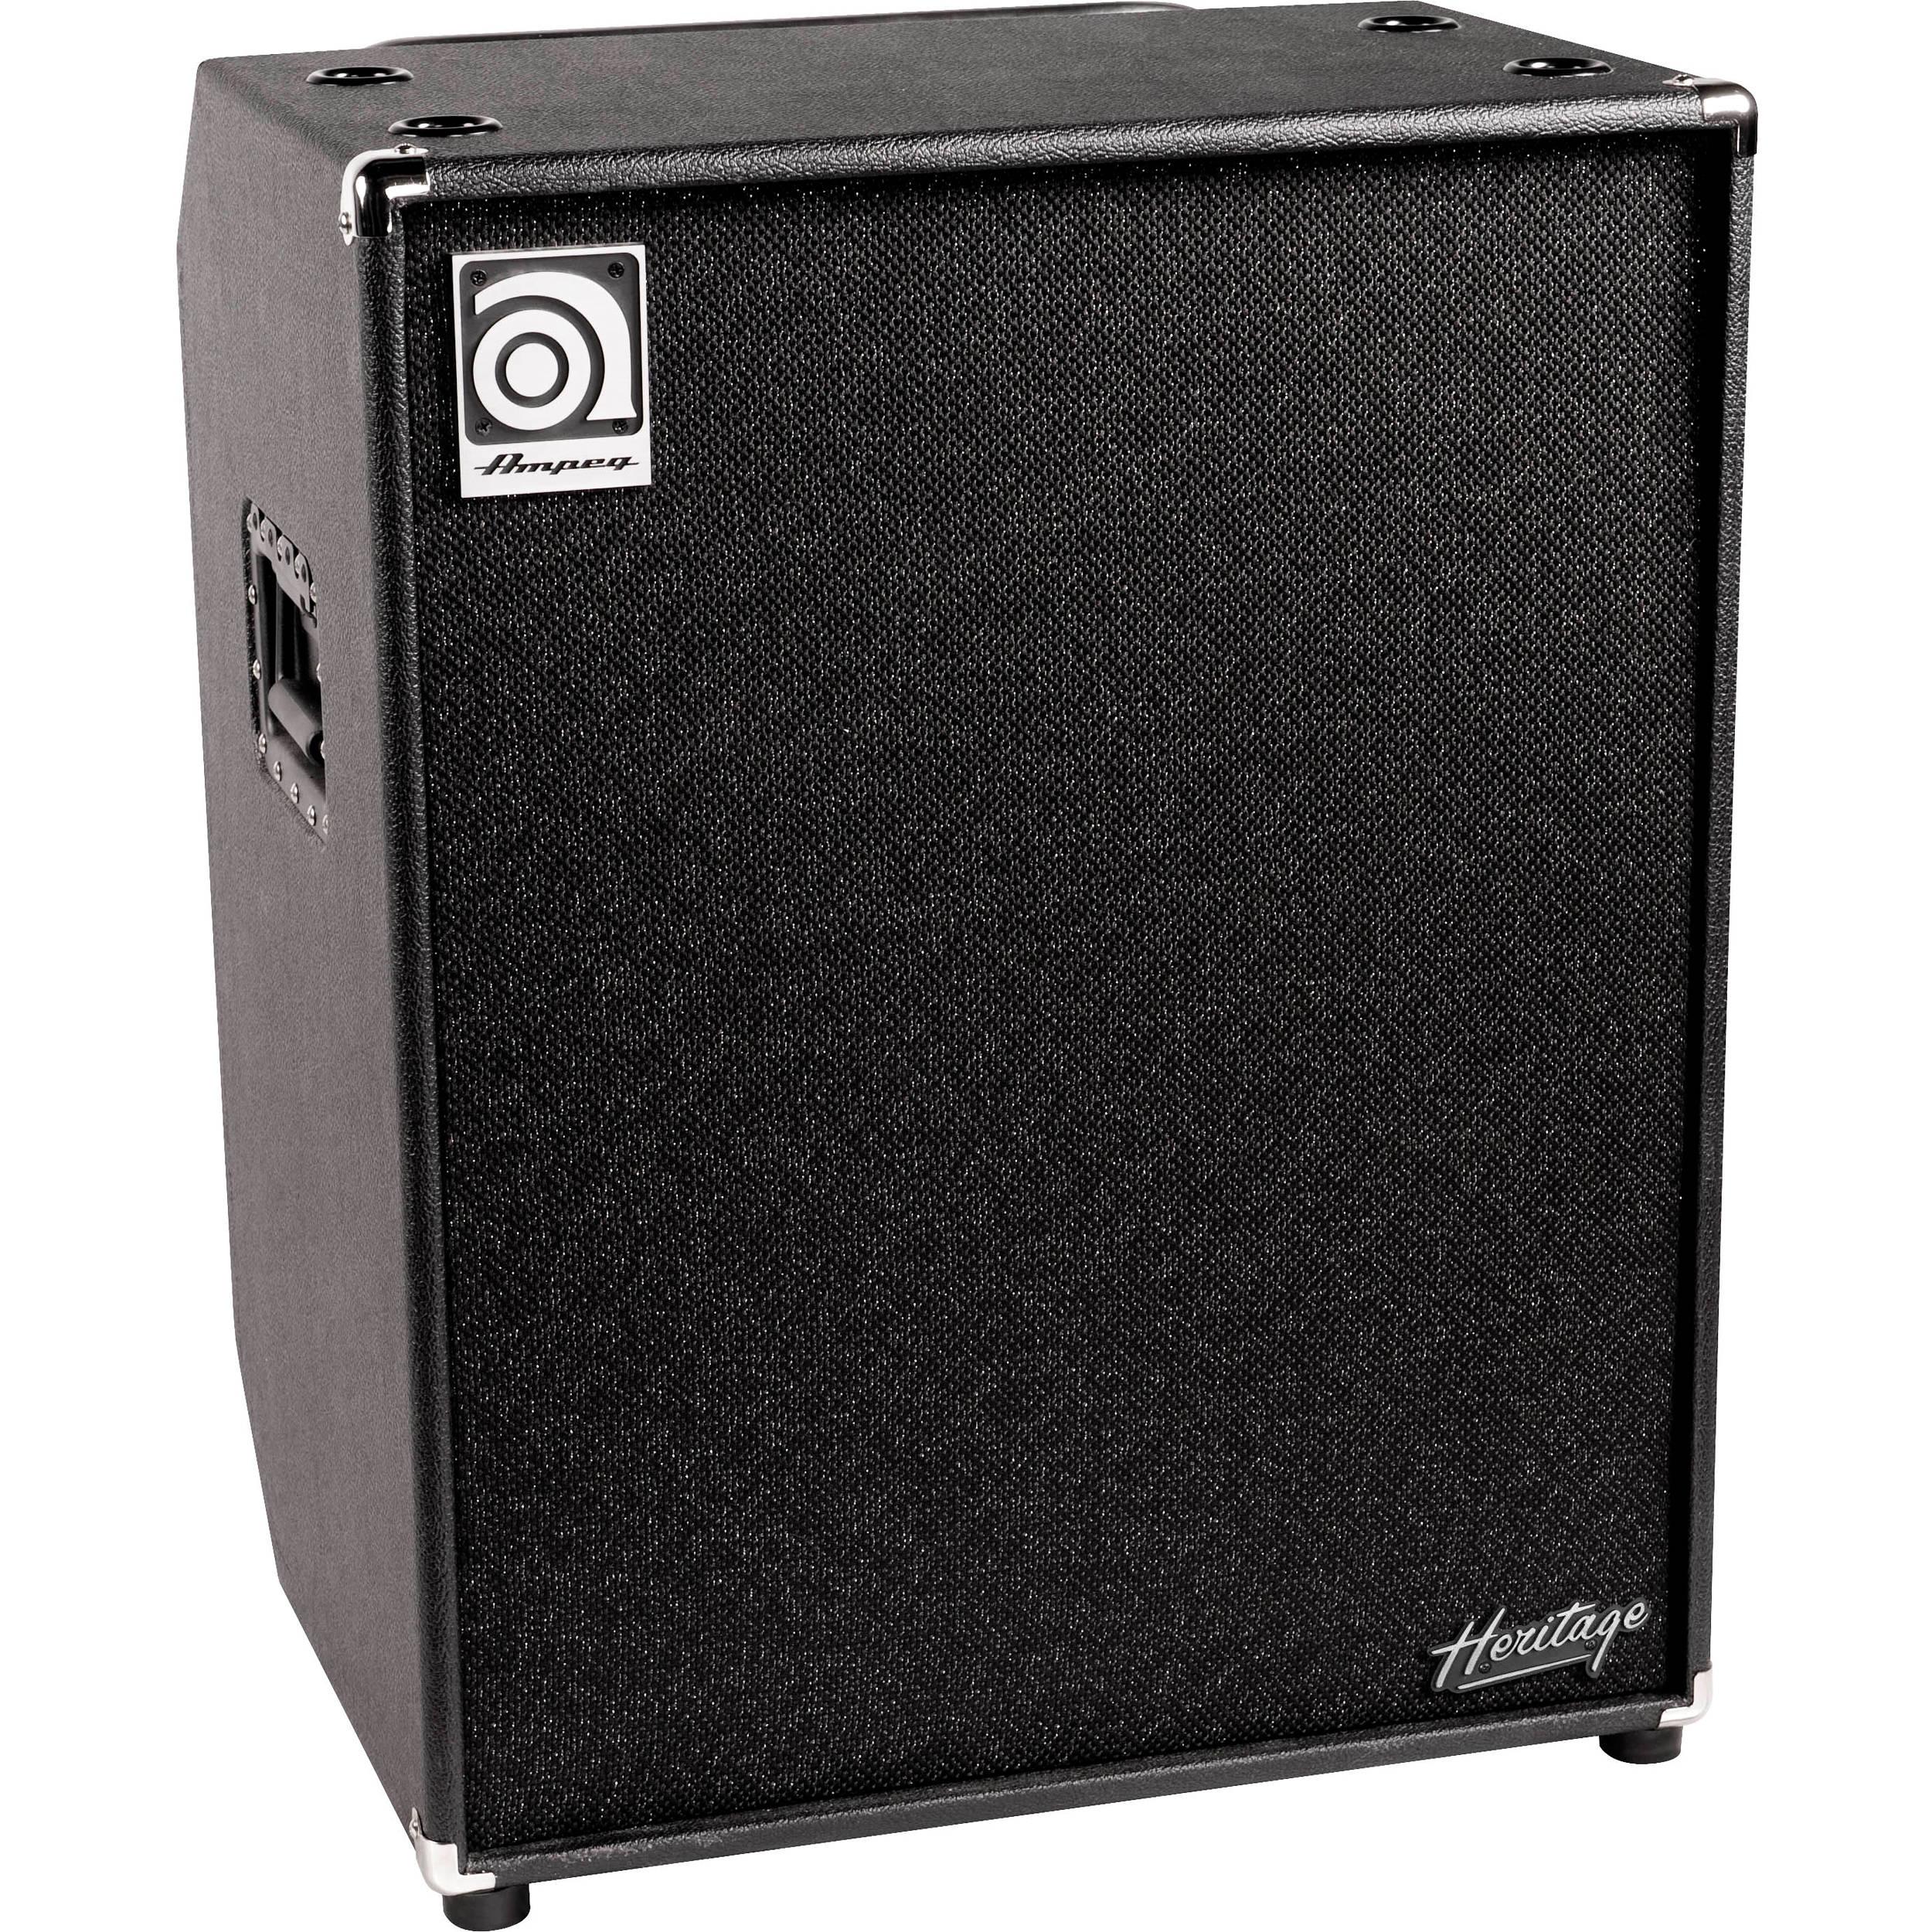 ampeg svt 410hlf 4x10 500w bass cabinet svt 410hlf b h photo